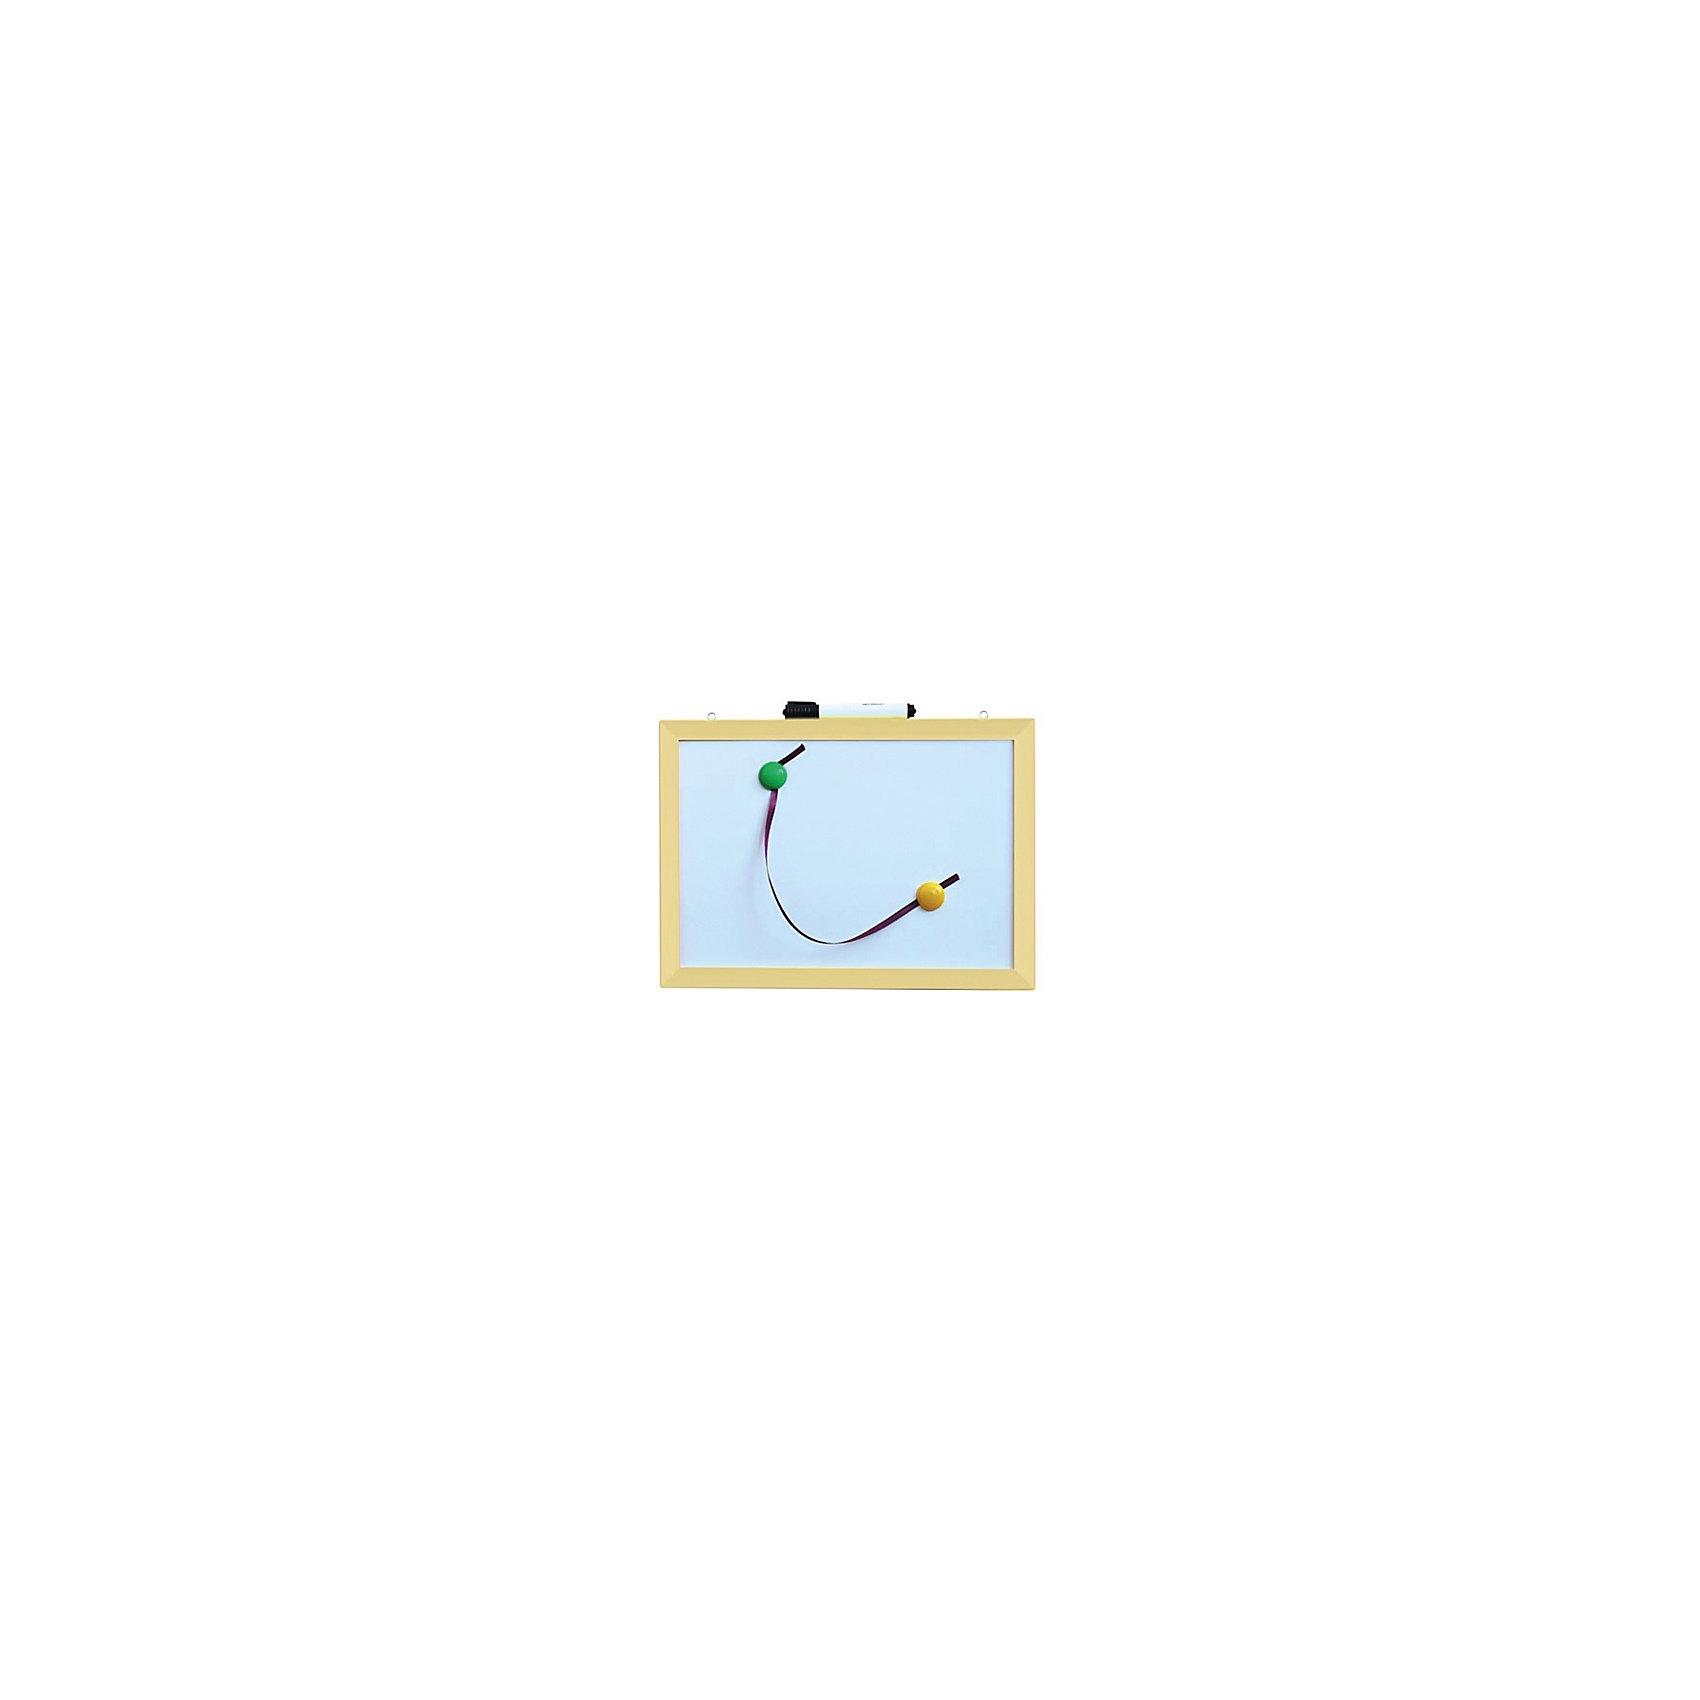 Магнитно-маркерная доска 30*40 см с аксессуарамиДоски для рисования<br>Магнитно-маркерная доска 30*40 см с аксессуарами - универсальный уголок для рисования и обучения.<br>Функциональная доска в деревянной раме прекрасно подойдет для повседневных занятий и рисования. Модель имеет возможность крепления на стену. В комплект входят 2 ярких магнита и специальный маркер. Такая замечательная доска пригодится для детских рисунков, составления первых слов и решения самых простых примеров. Маркер легко стирать с доски, что очень удобно для обучающих занятий.<br><br>Дополнительная информация:<br><br>- Размер: 30 х 40 х 2 см<br>- Материал: пластик, дерево<br>- Рама неокрашенная<br>- Комплектация: доска, маркер, магниты (2 шт.)<br>- Вес: 410 гр.<br><br>Магнитно-маркерную доску 30*40 см с аксессуарами можно купить в нашем интернет-магазине.<br><br>Ширина мм: 400<br>Глубина мм: 20<br>Высота мм: 300<br>Вес г: 410<br>Возраст от месяцев: 36<br>Возраст до месяцев: 192<br>Пол: Унисекс<br>Возраст: Детский<br>SKU: 4214644